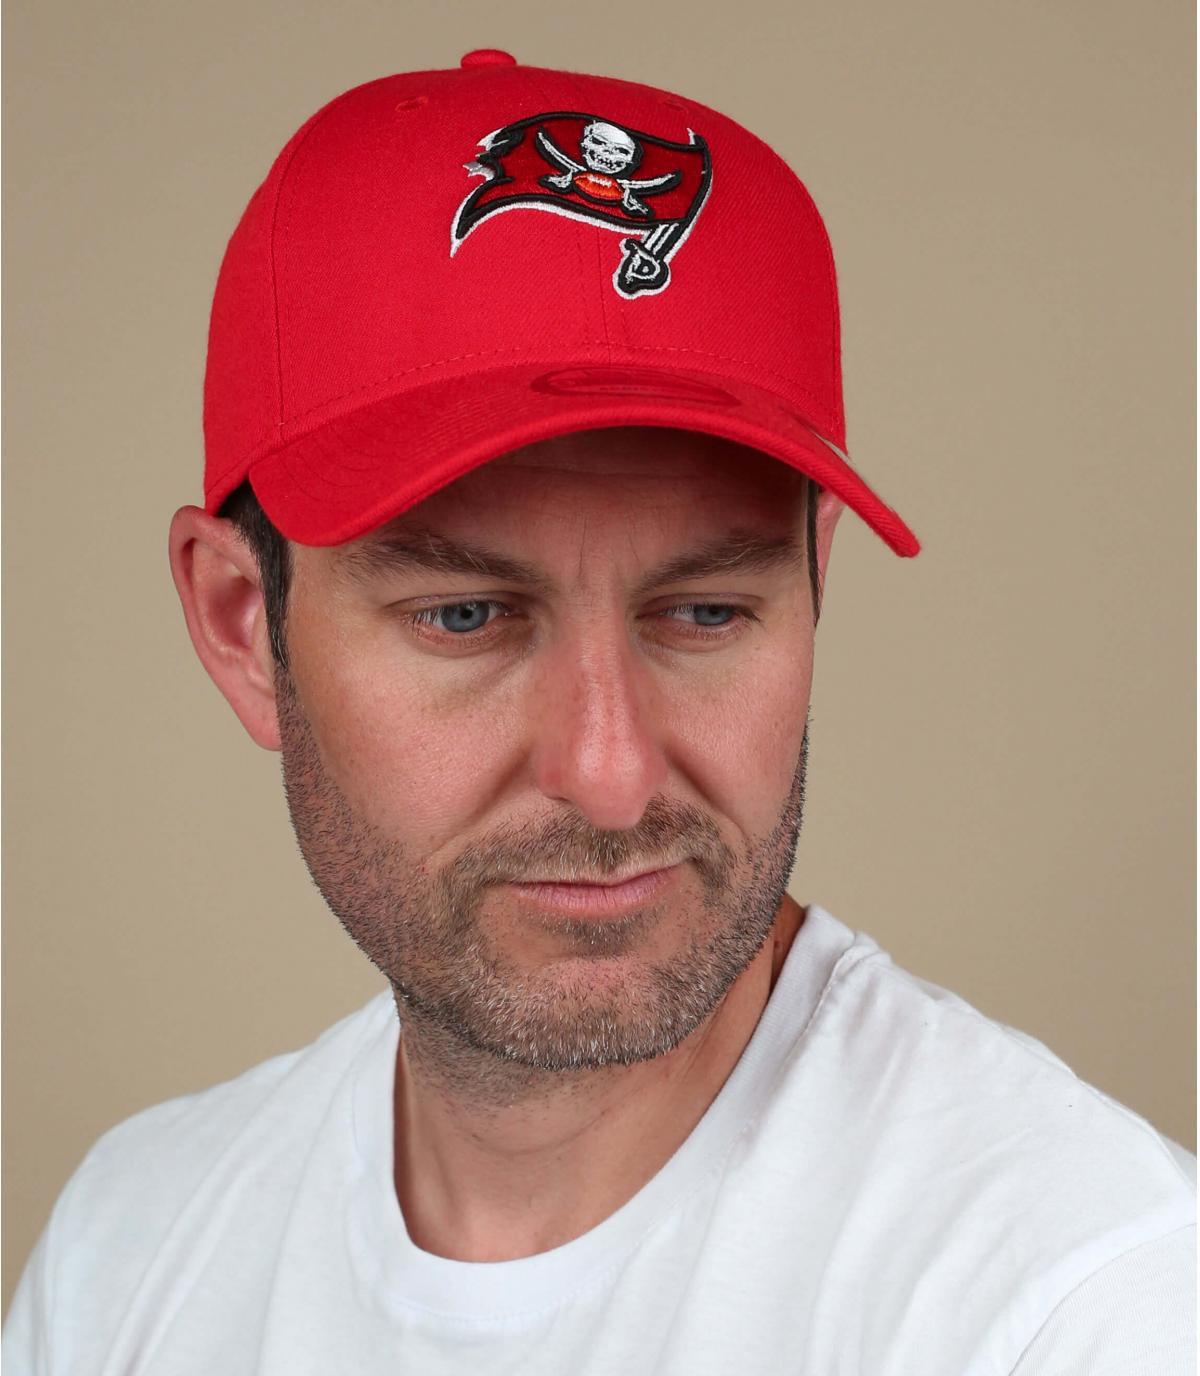 Schwarz rote Buccaneers Cap